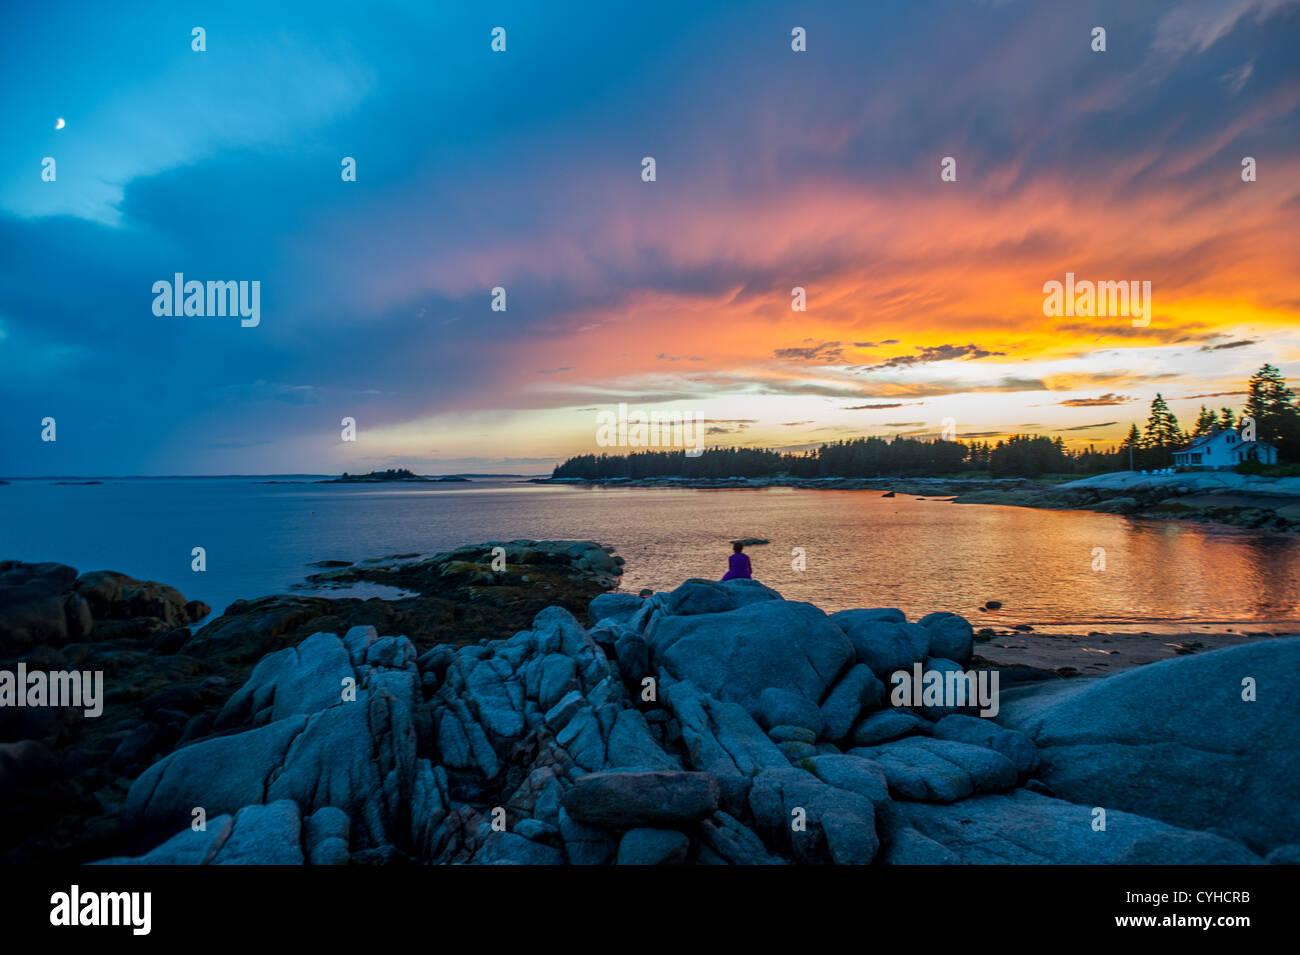 Sonnenuntergang auf dem felsigen Gelände von Deer Isle, Maine Stockbild